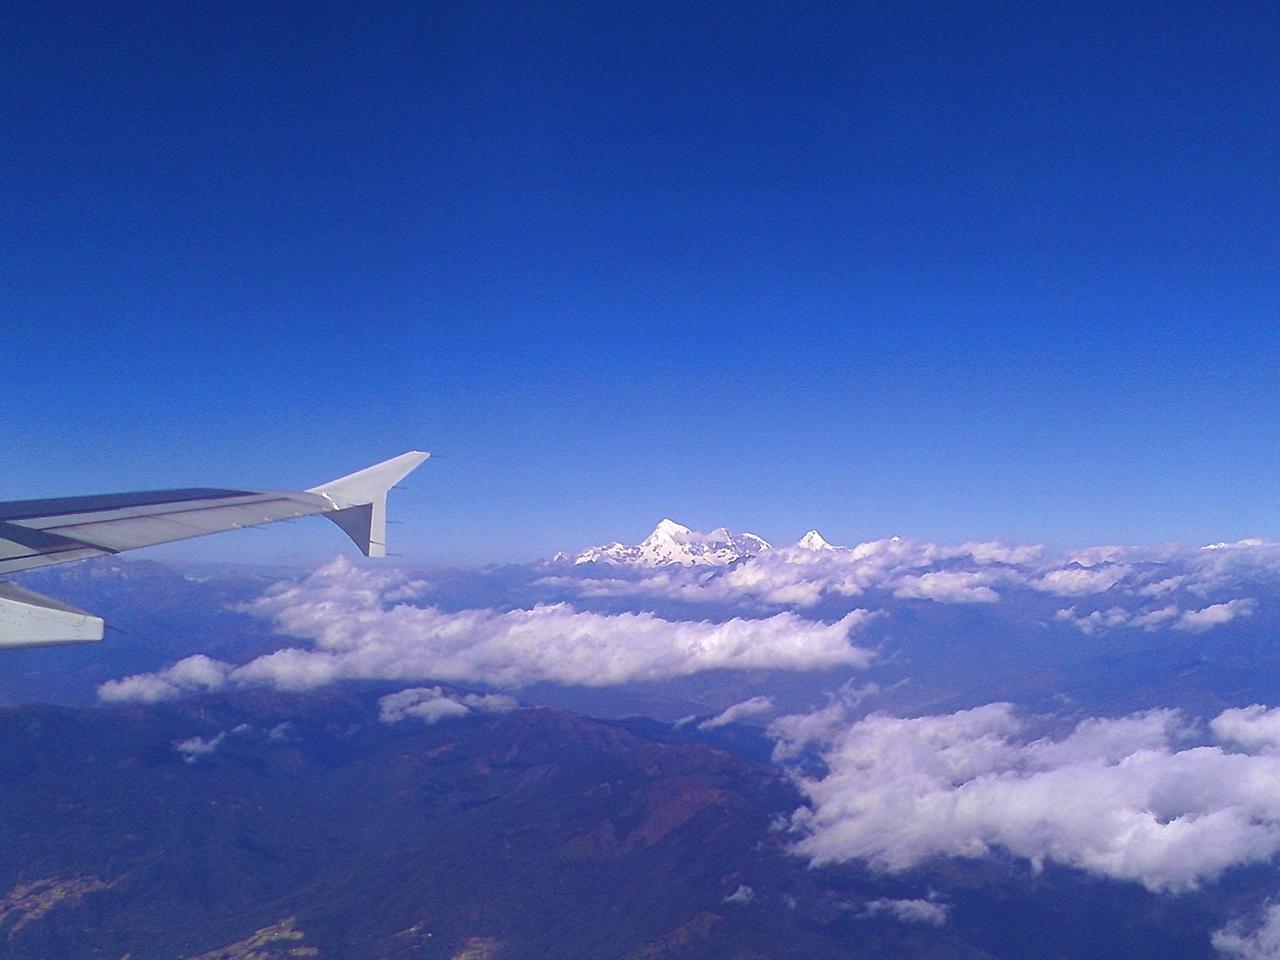 두룩에어를 타고 내려다 본 히말라야 설산  부탄여행에서 즐길 수있는 절경중의 하나다